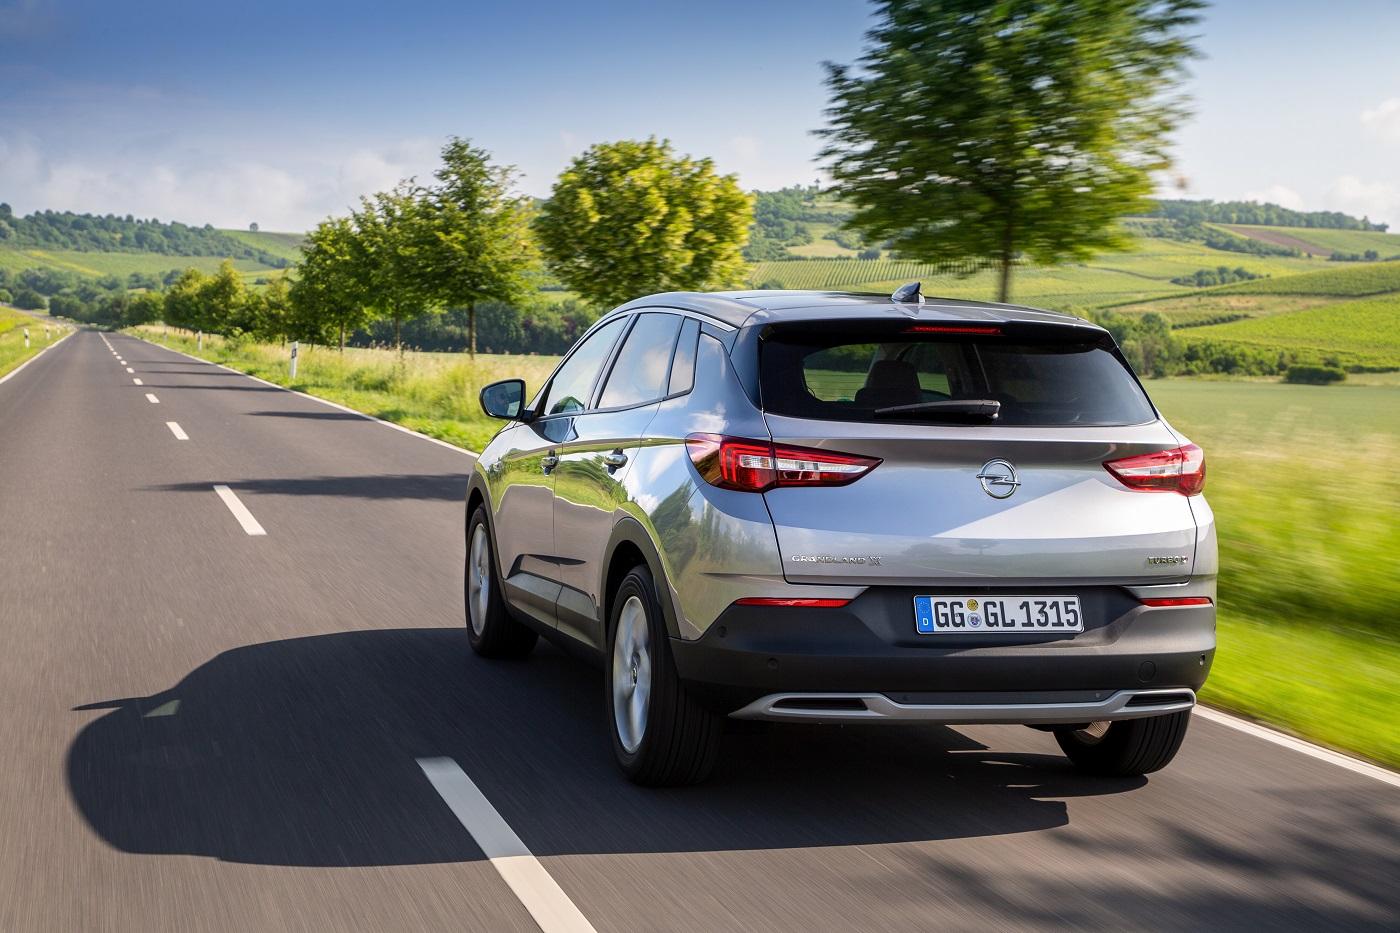 Бренд Opel оголошує про старт спеціальної цінової пропозиції на SUV-флагман Opel Grandland X